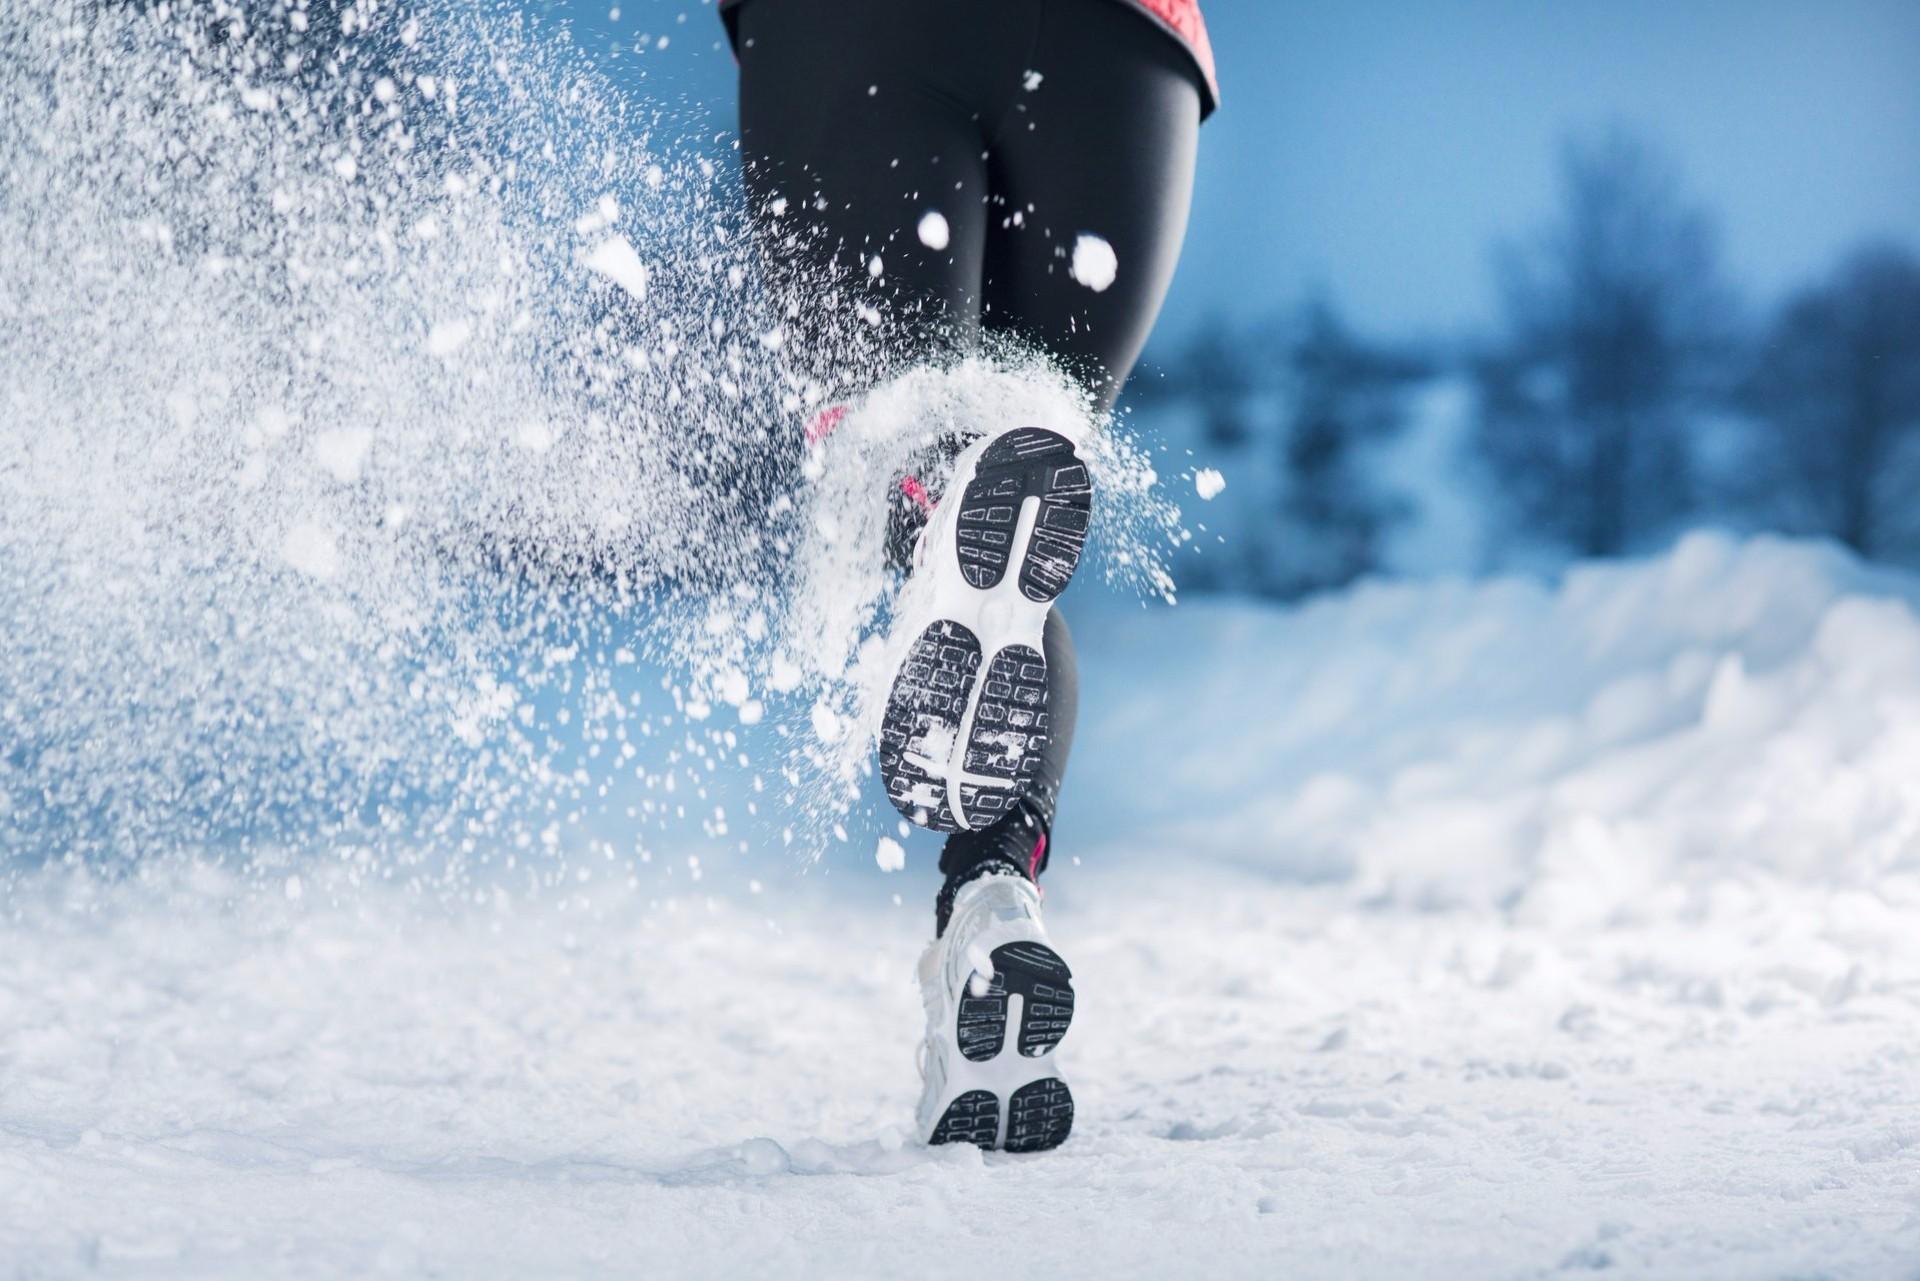 снег бег кроссовки